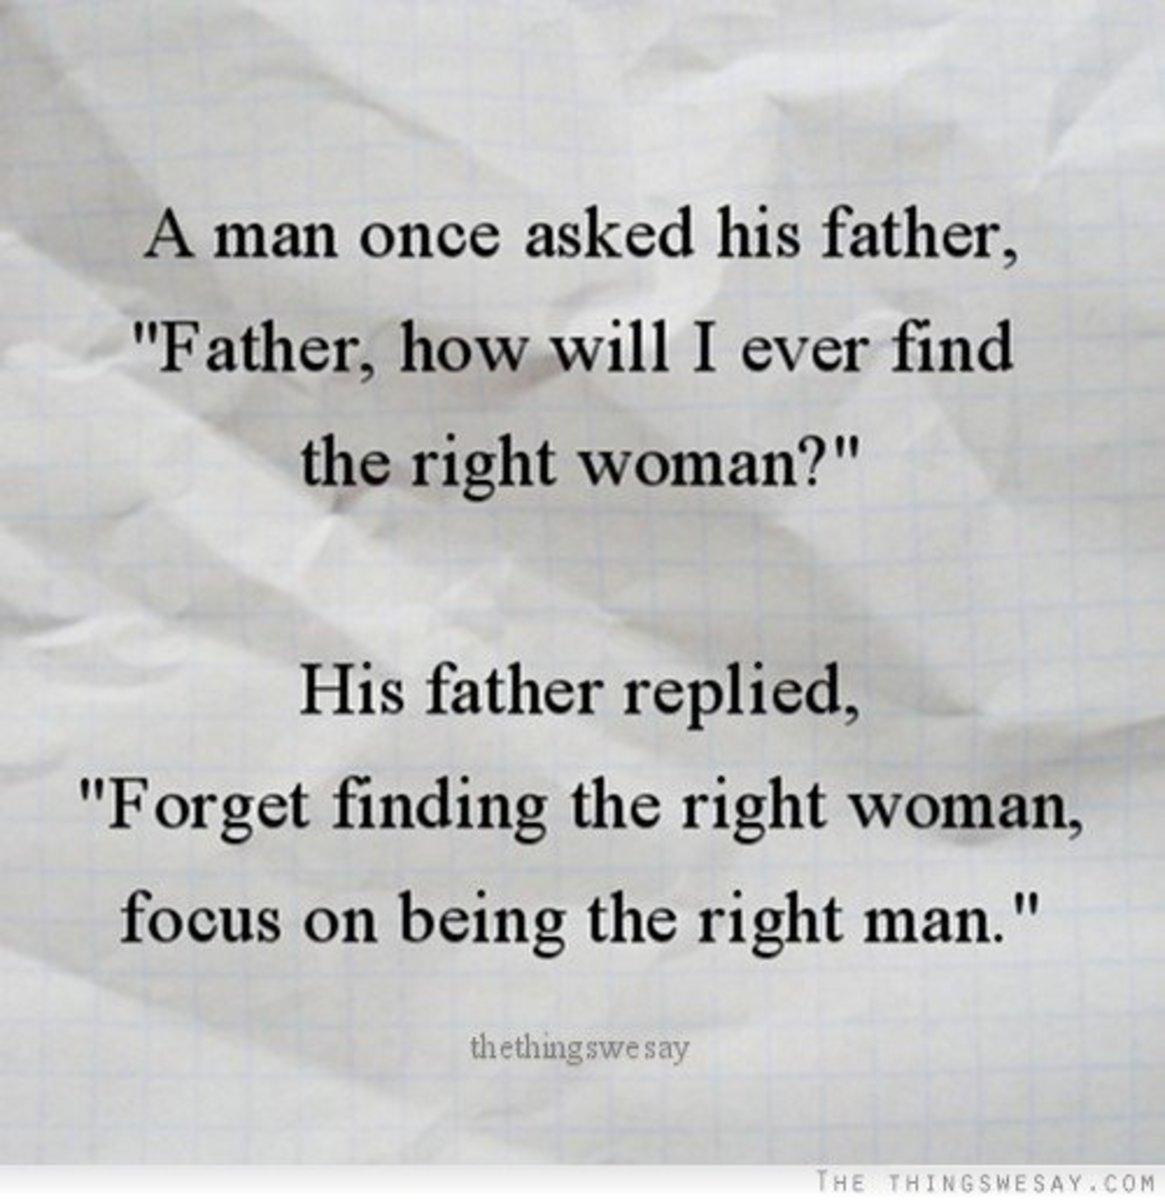 A profound statement.